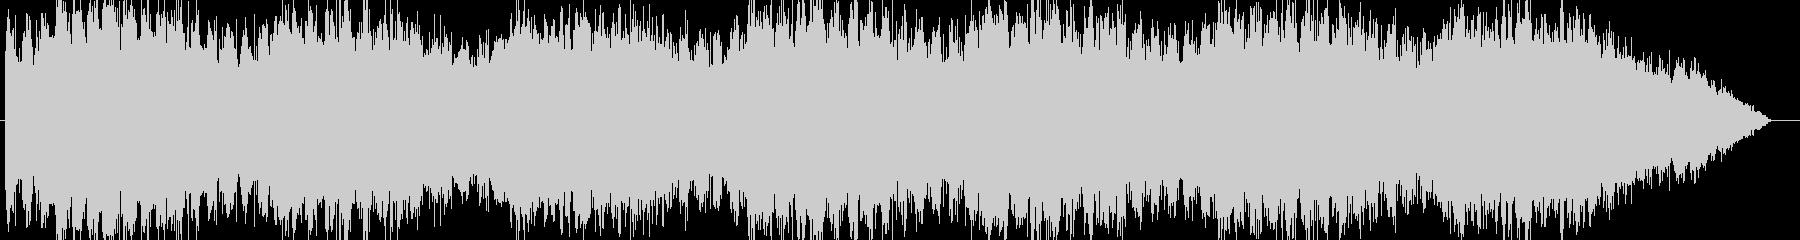 エマージェンシーサイレン タイプBの未再生の波形